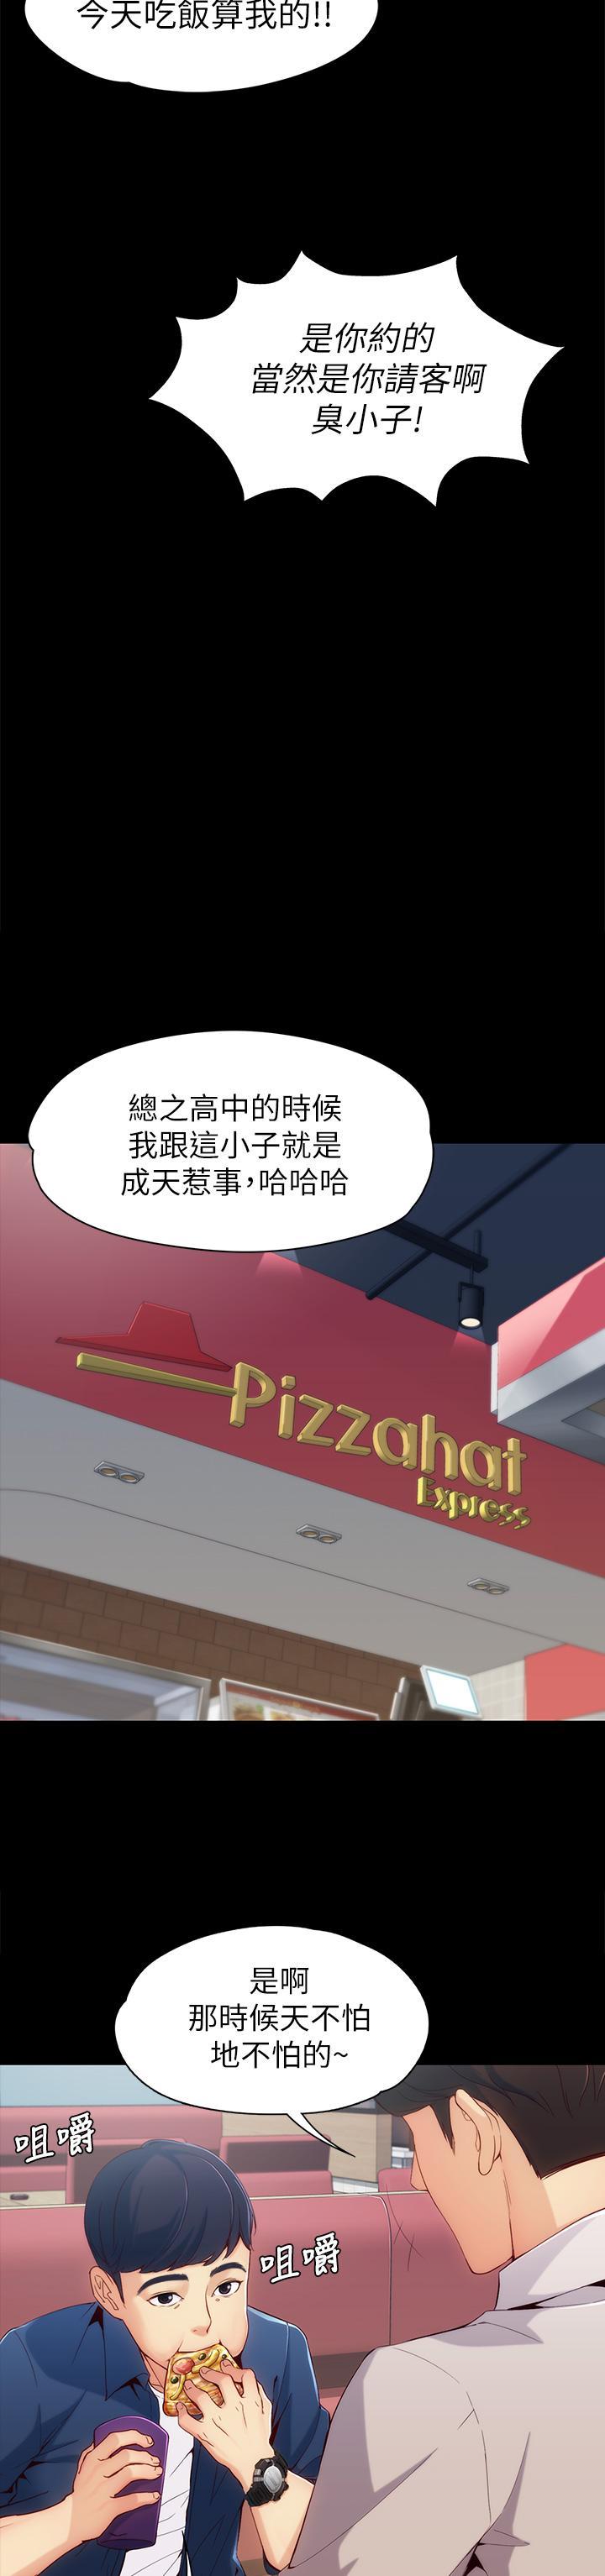 [朴敏&金Zetta]女大生世晶:无法自拔 EP.1(正體中文)高畫質版本 13